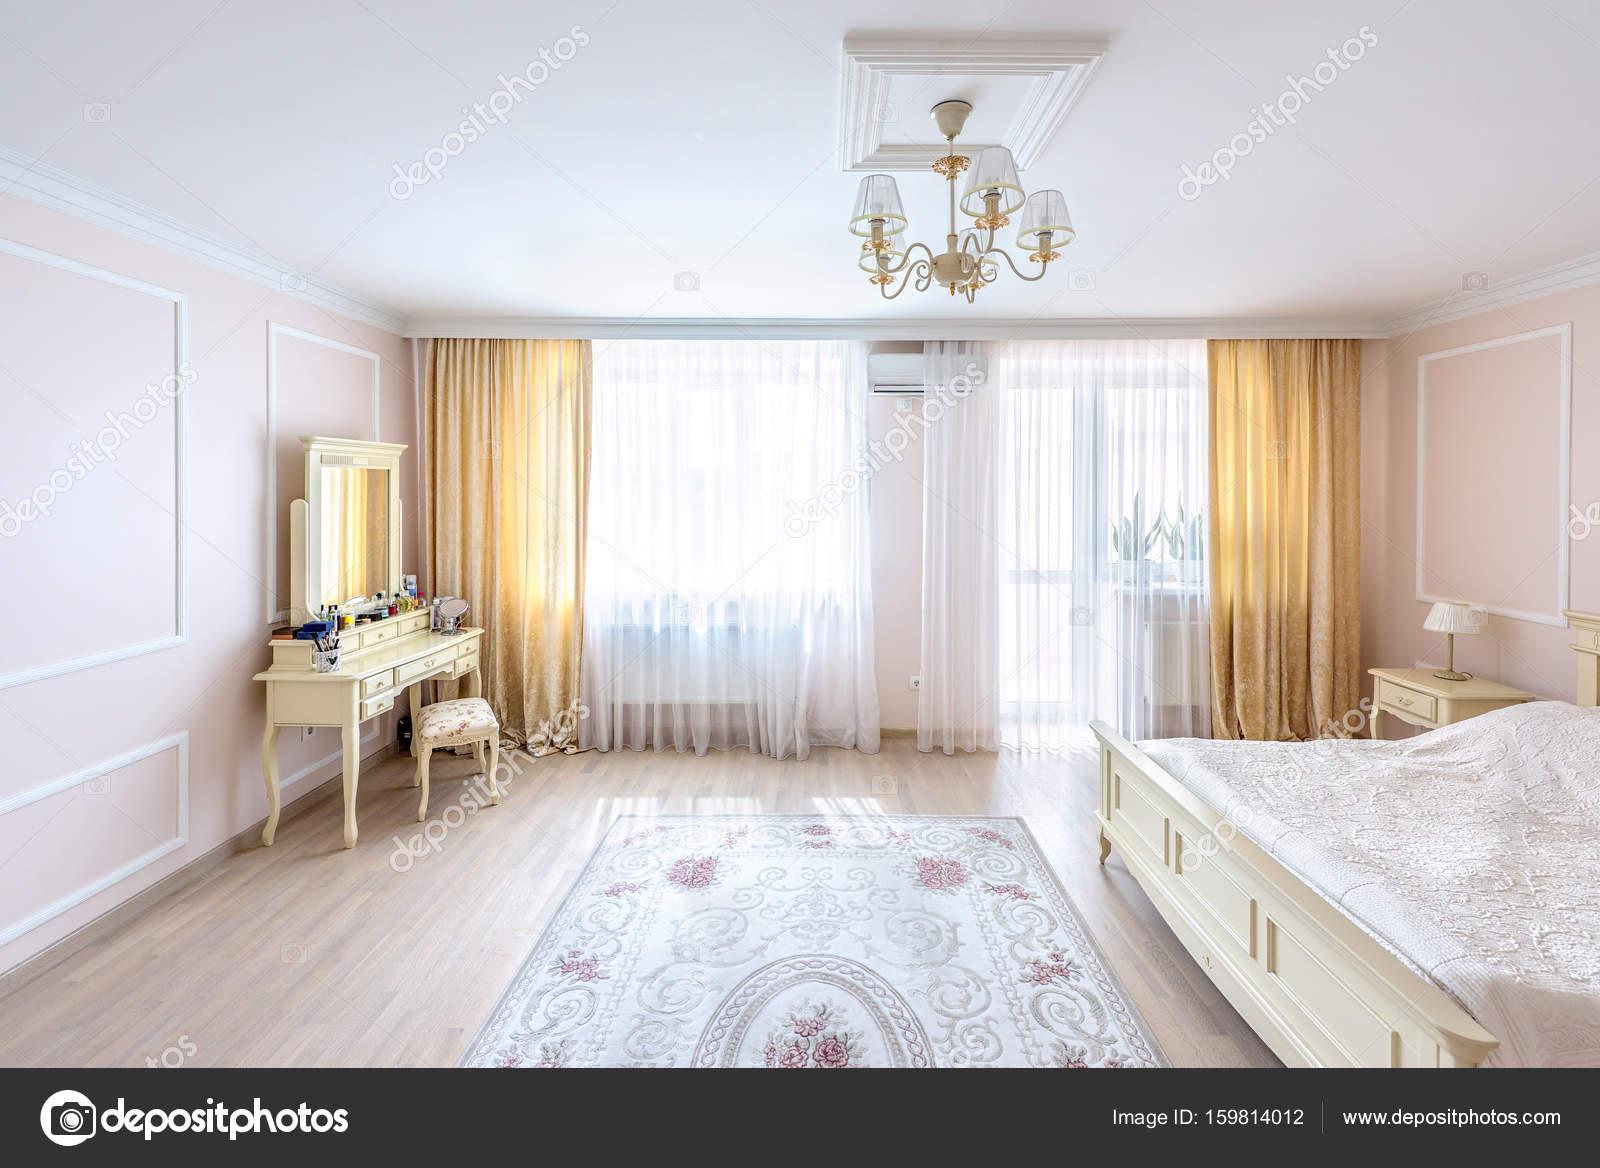 Camera da letto interior design appartamento bianco u2014 foto stock